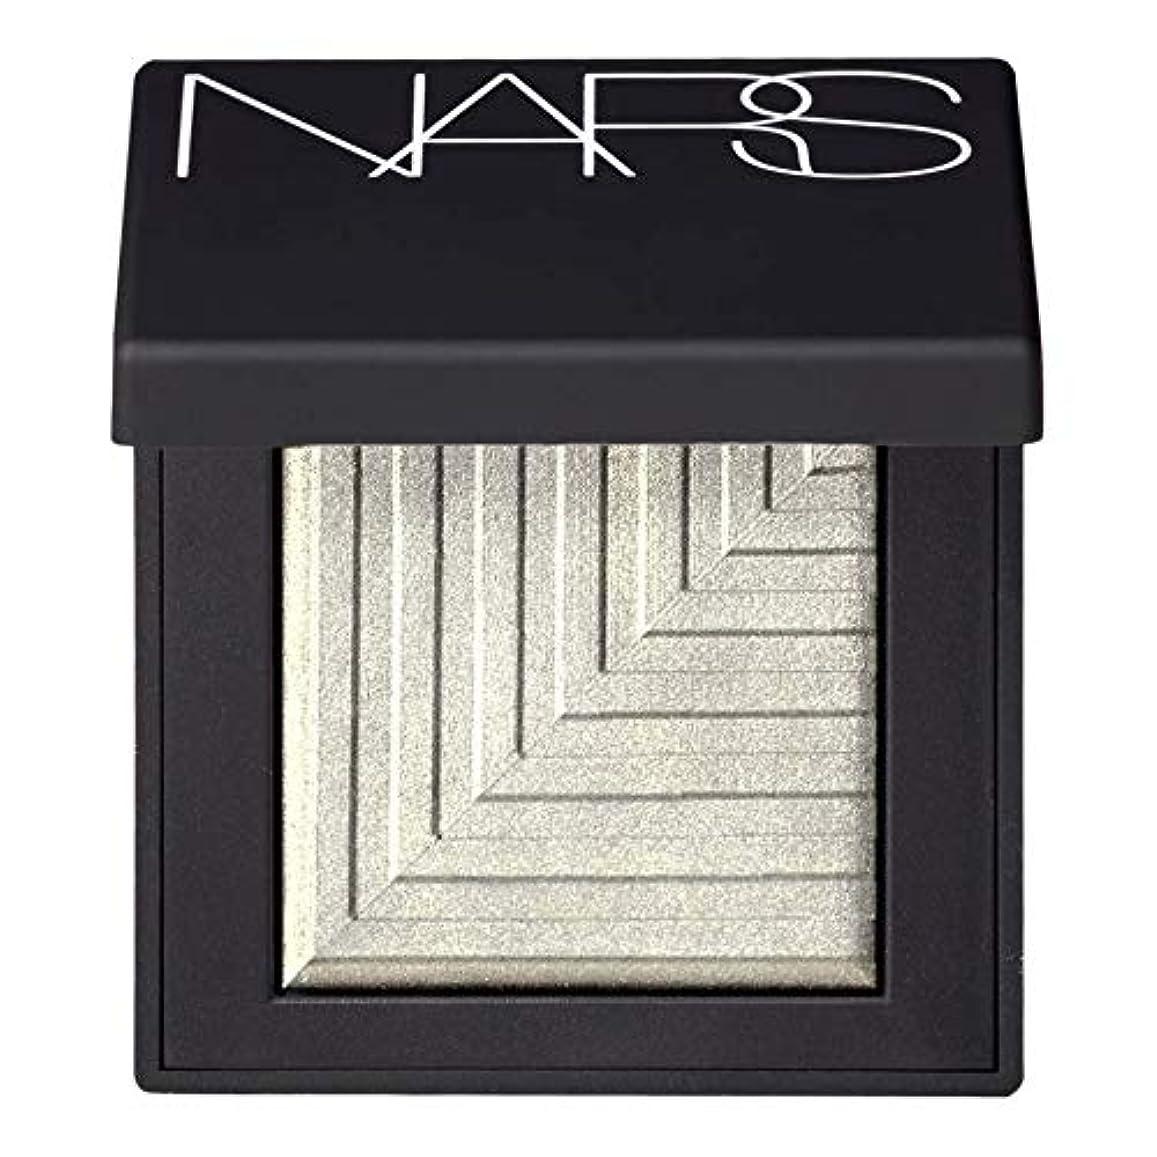 問い合わせ密ガム[NARS] Narはデュアル強度アイシャドウアンタレス - Nars Dual Intensity Eyeshadow Antares [並行輸入品]